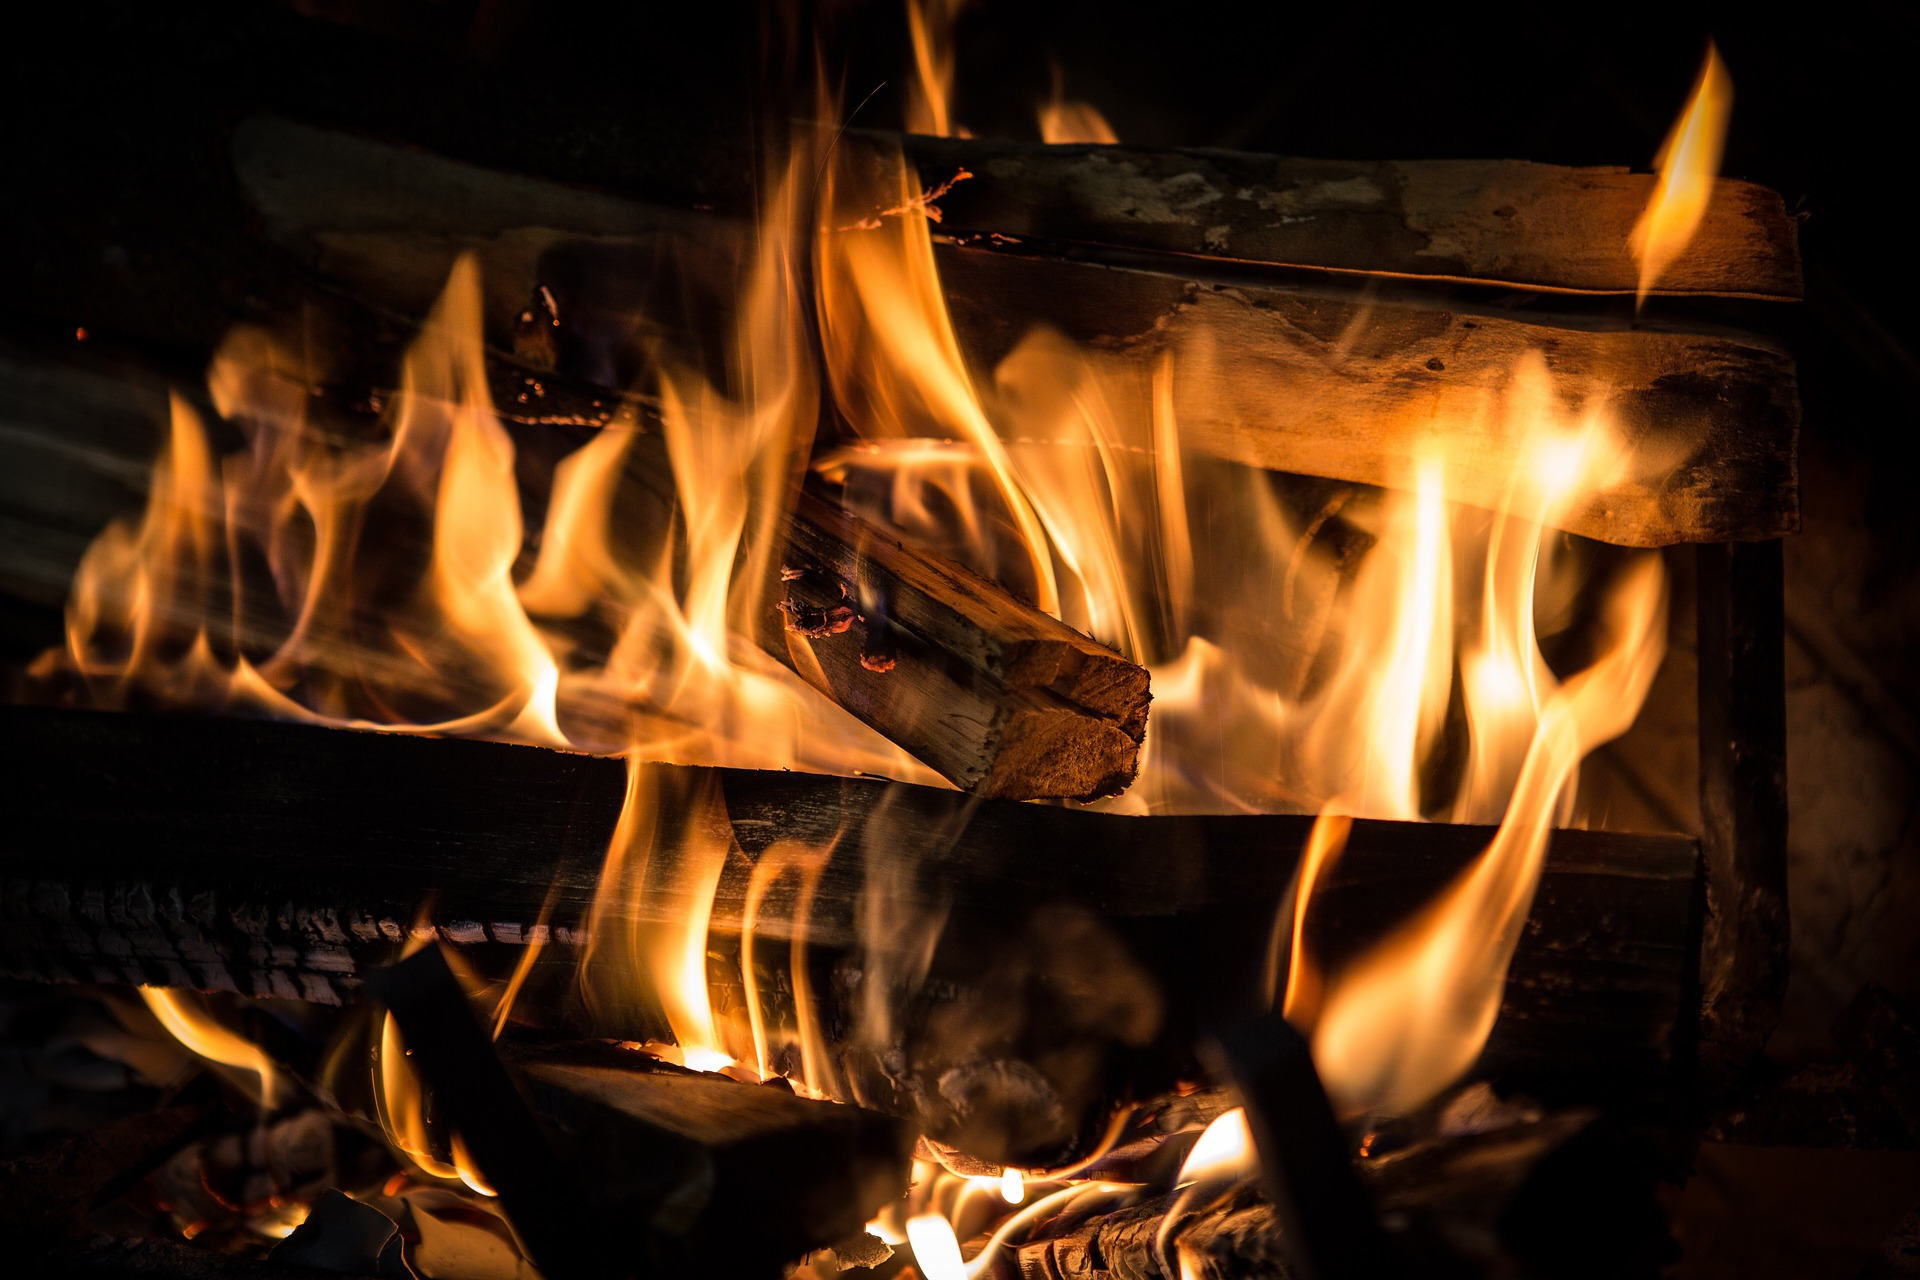 toffin chauffages l'art du feu